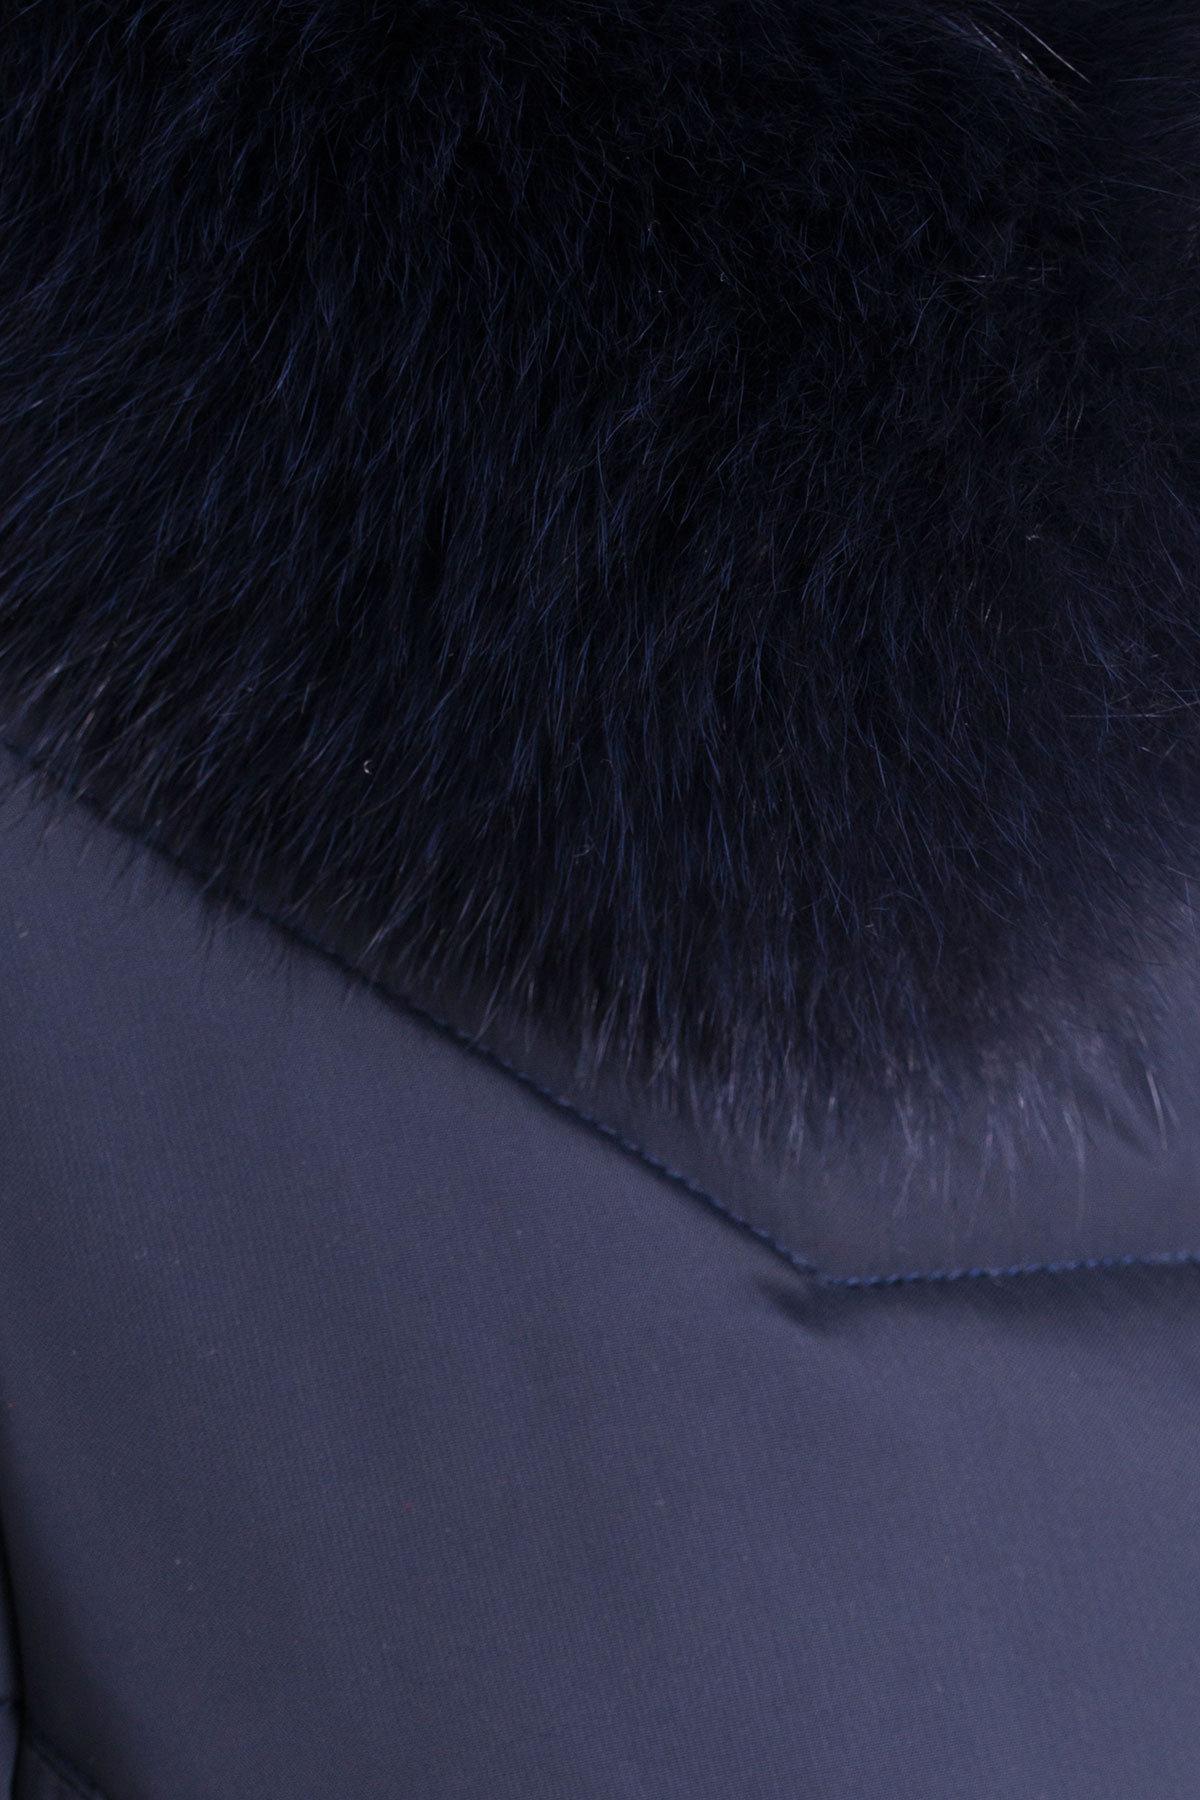 Пуховик с натуральным мехом песца Ари 3113 АРТ. 16980 Цвет: Тёмно-синий - фото 5, интернет магазин tm-modus.ru